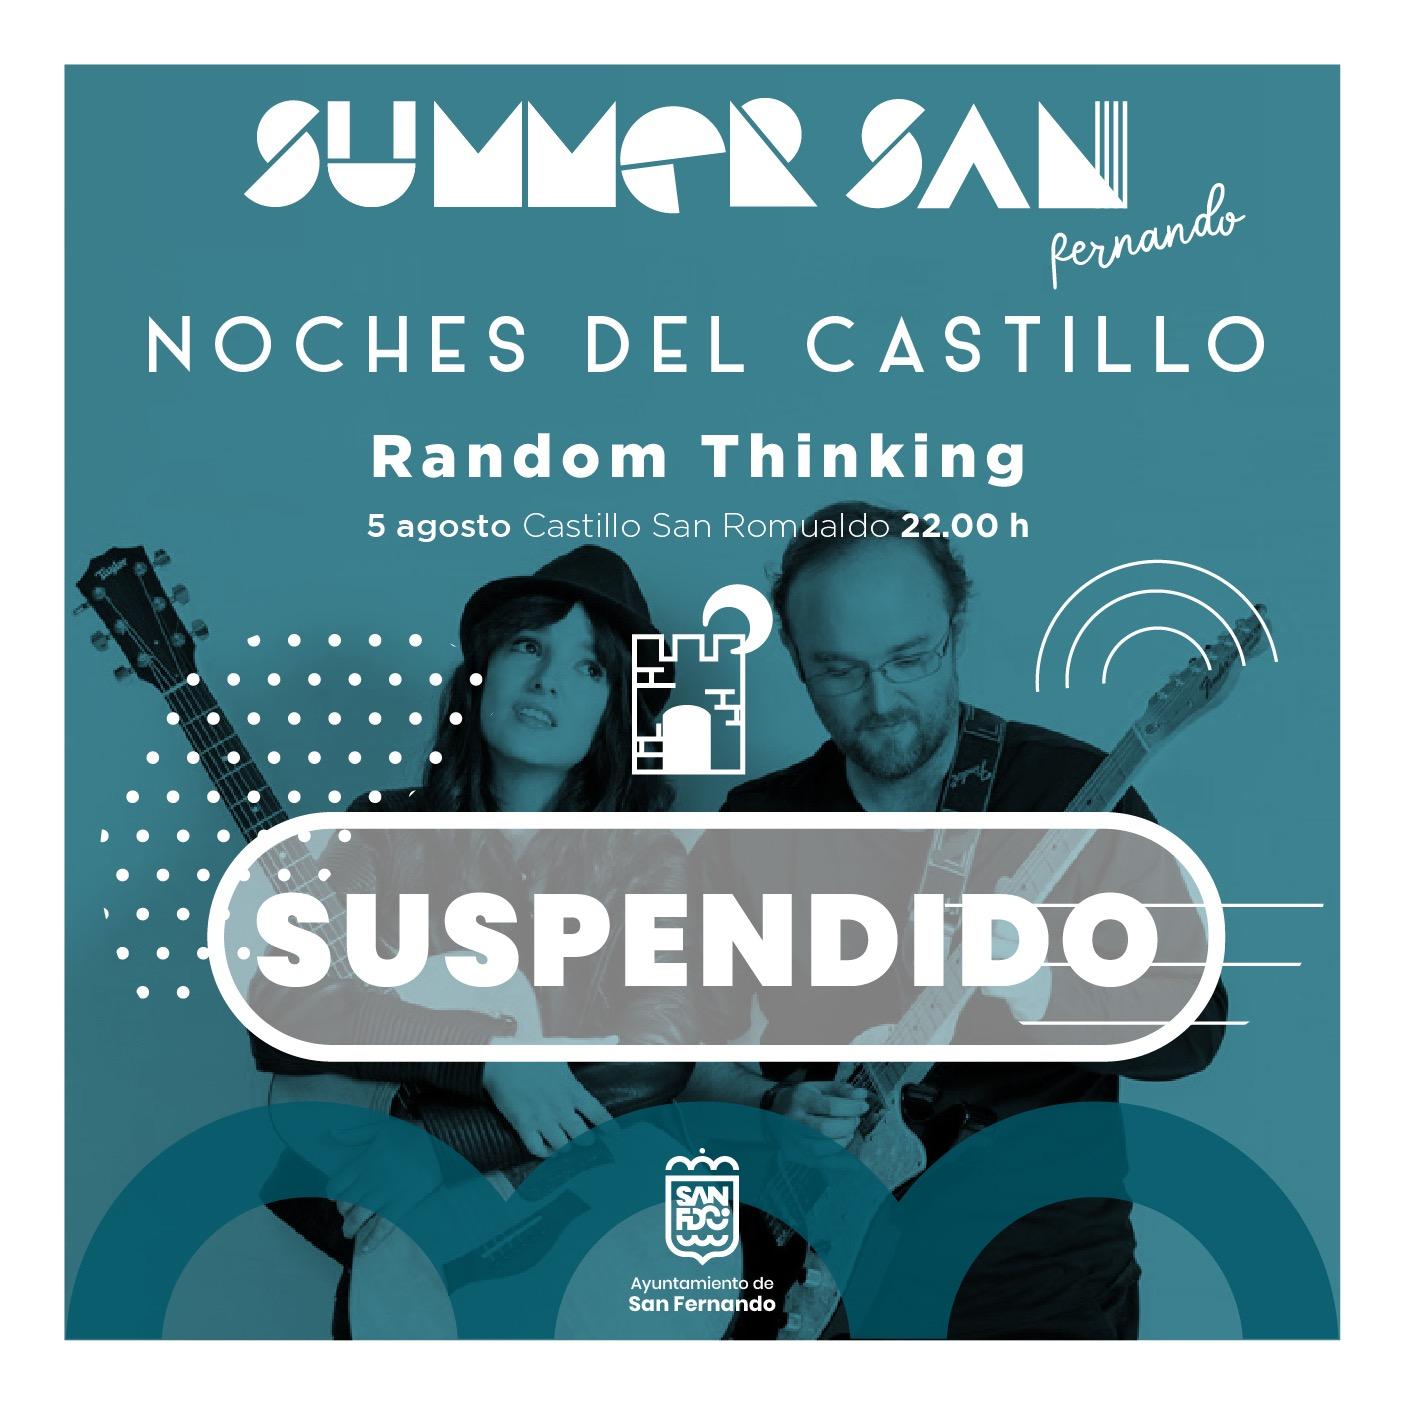 Suspendido el concierto de Random Thinking